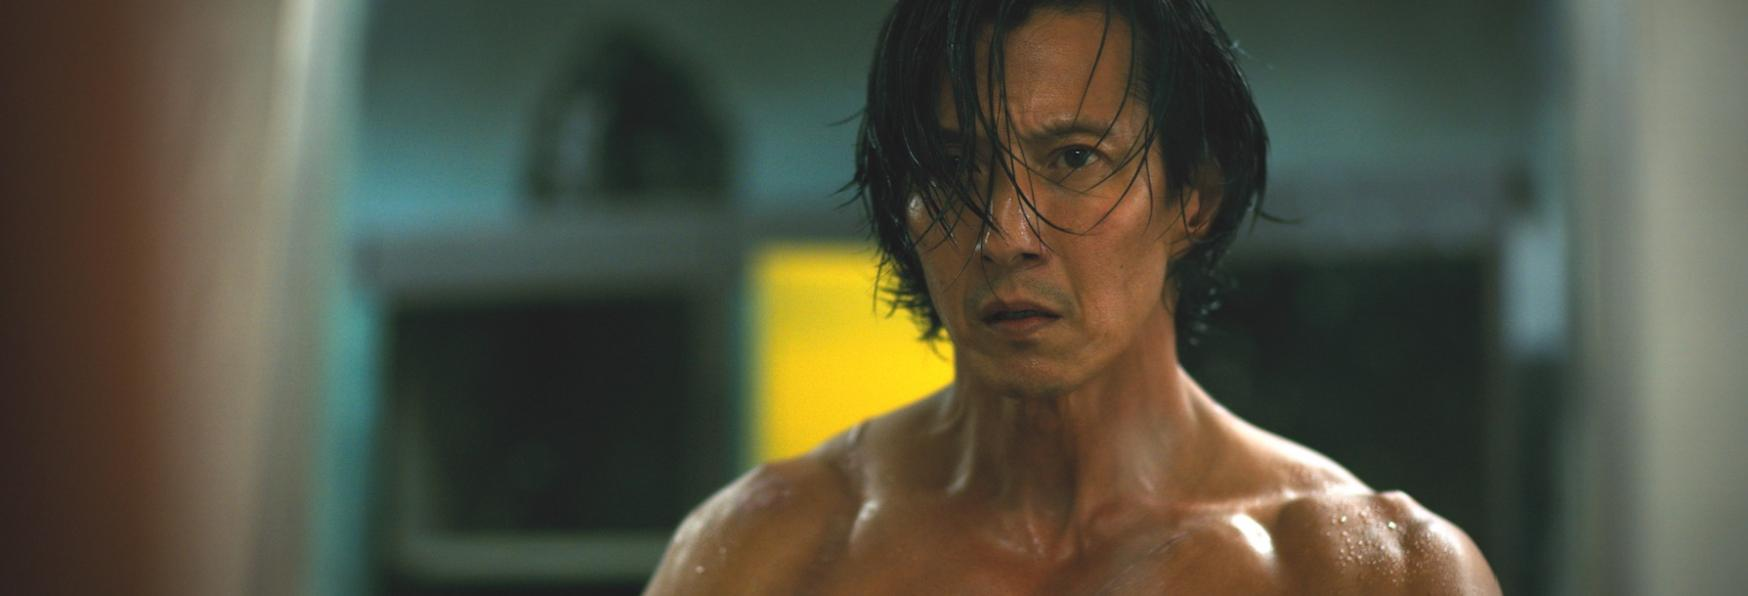 Altered Carbon 2: Will Yun Lee farà ritorno nella nuova Stagione della Serie TV